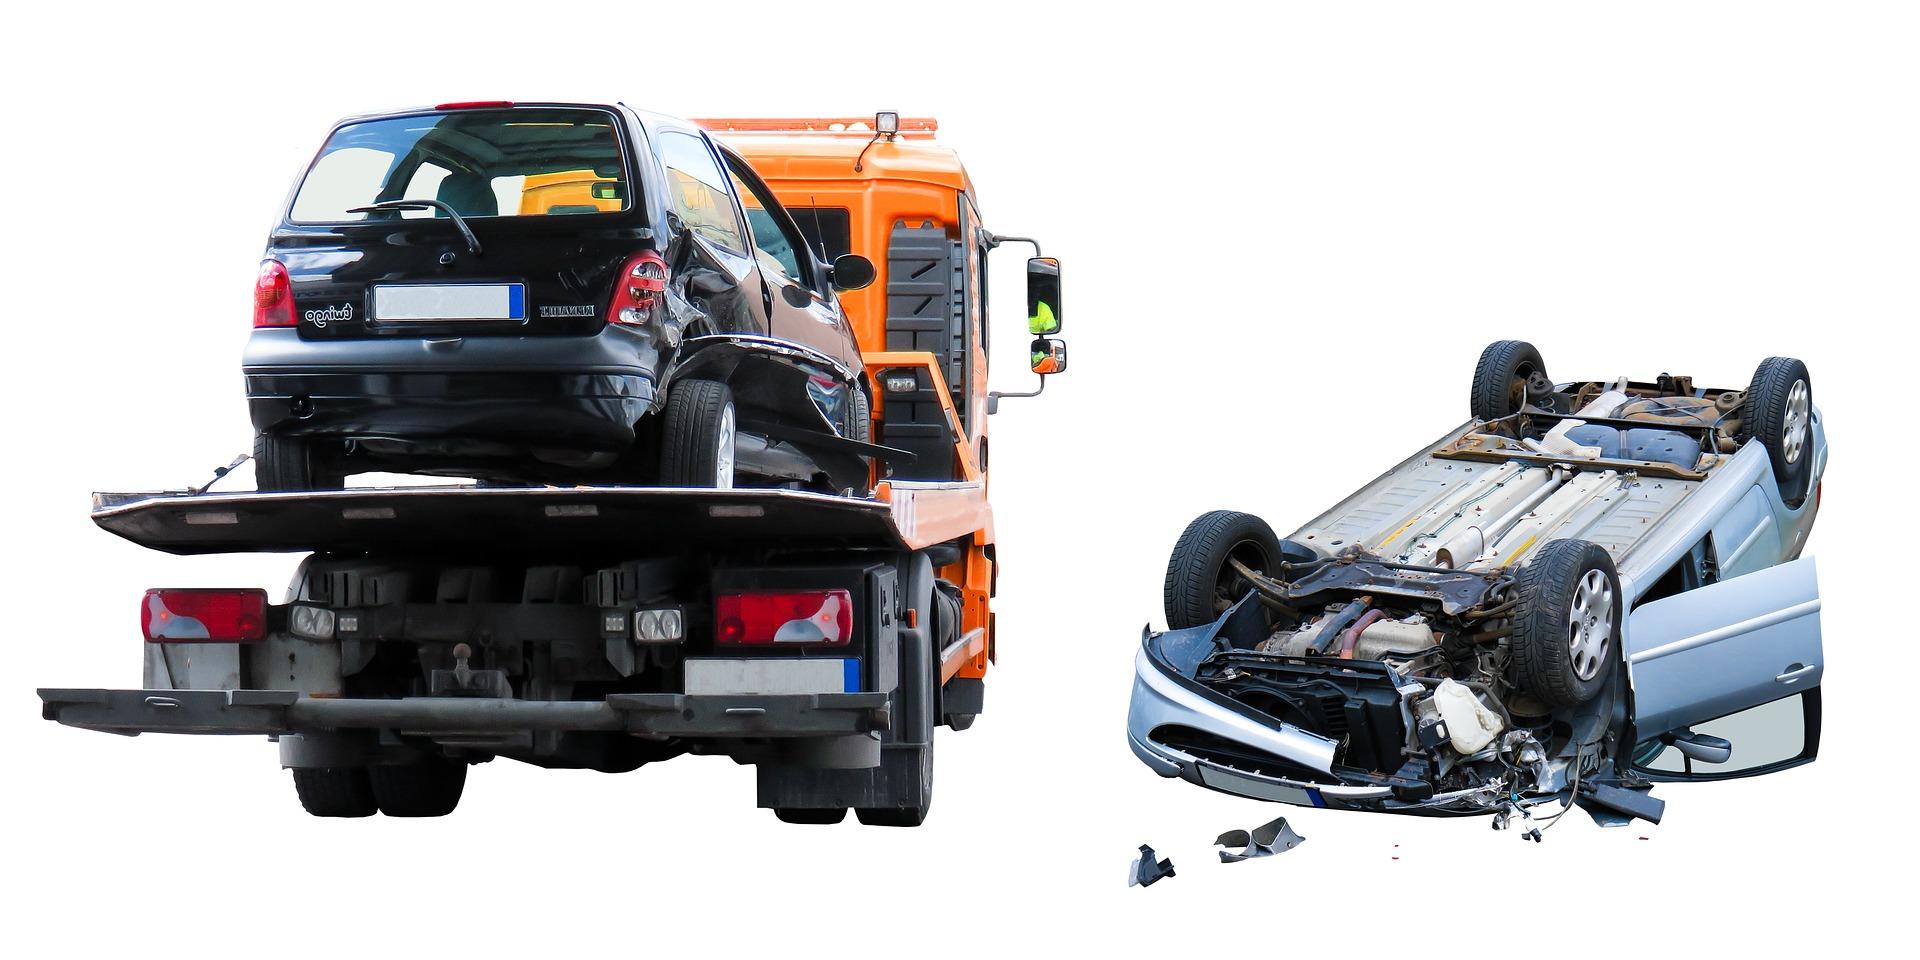 4 Tipos de lesiones para pedir una indemnización por accidente de tráfico